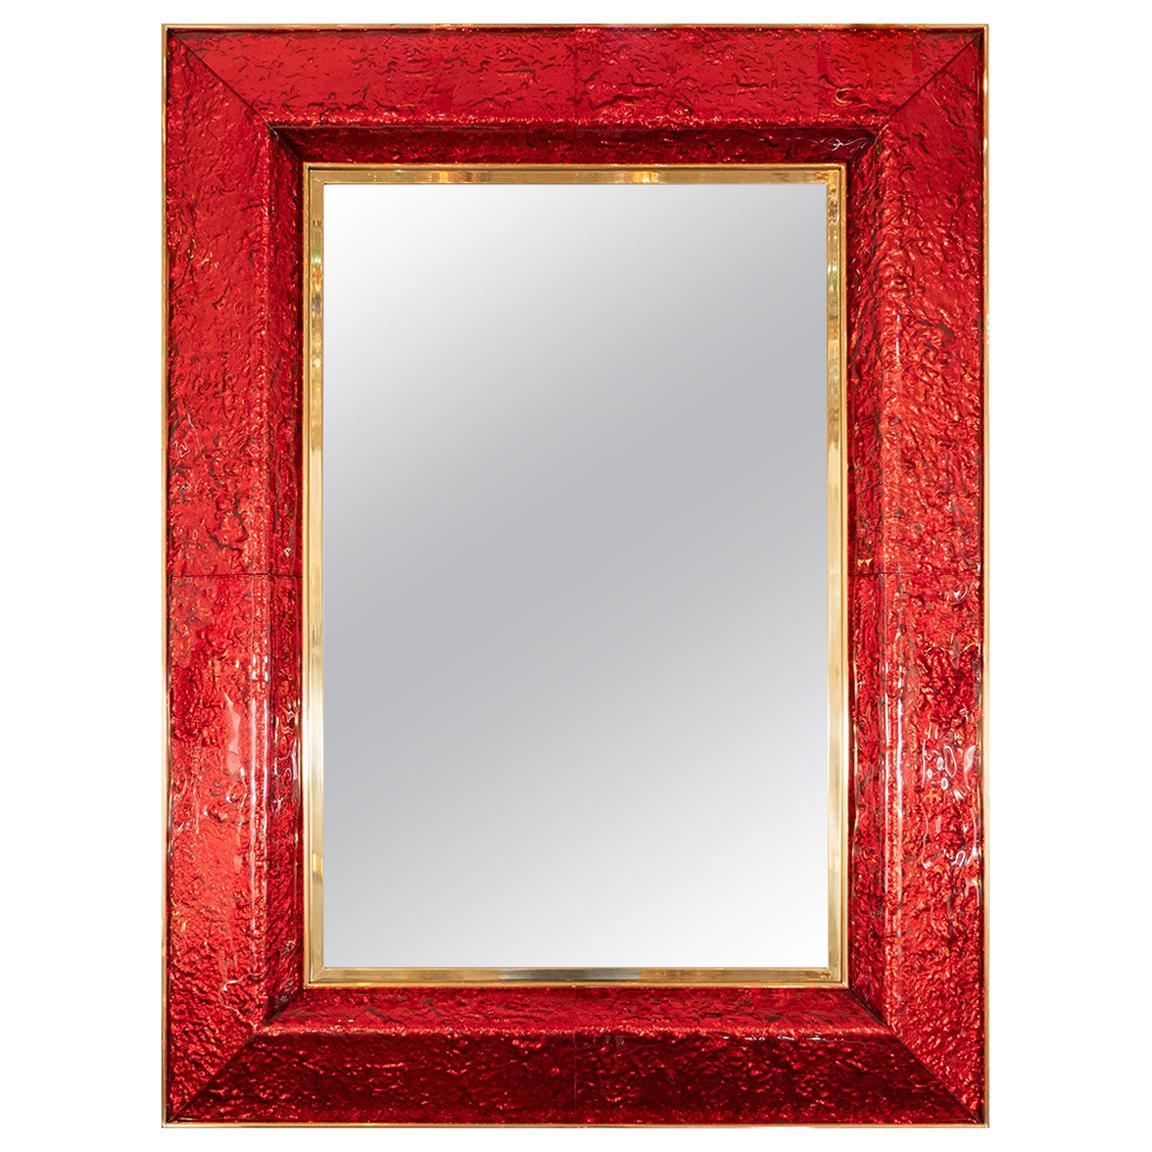 Textured Murano Glass Surround Mirror